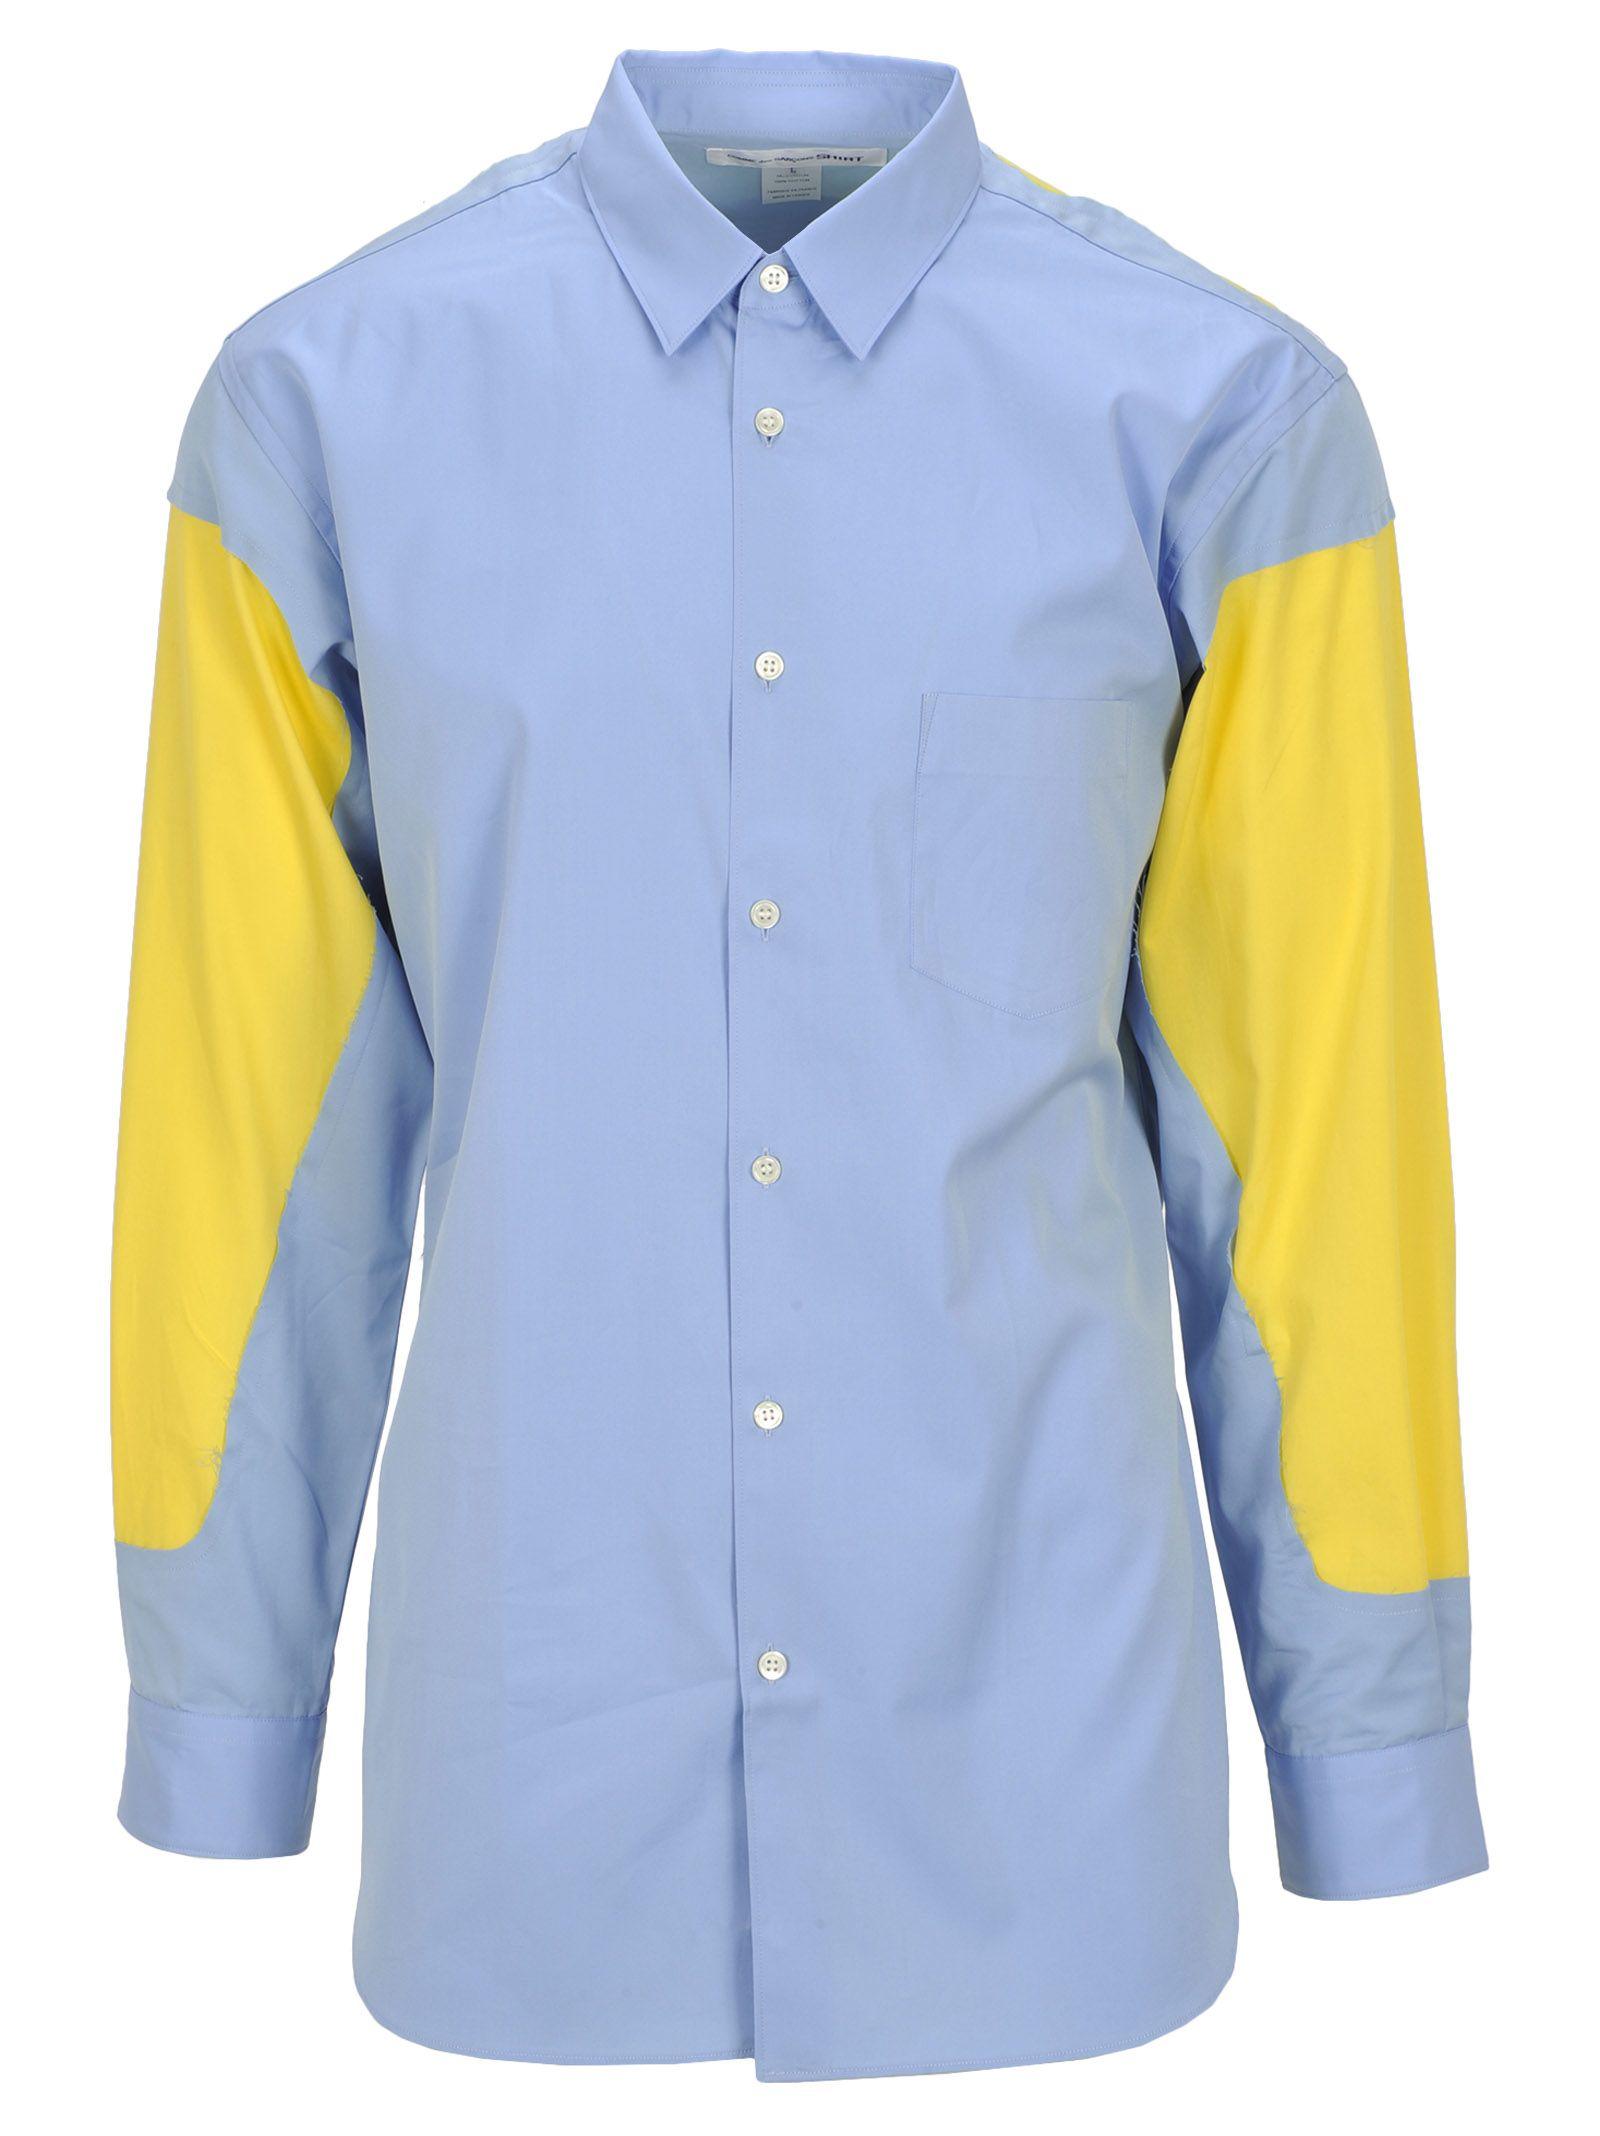 COMME DES GARÇONS BOYS Comme Des Garçons Boy Shirt in Light Blue/ Yellow